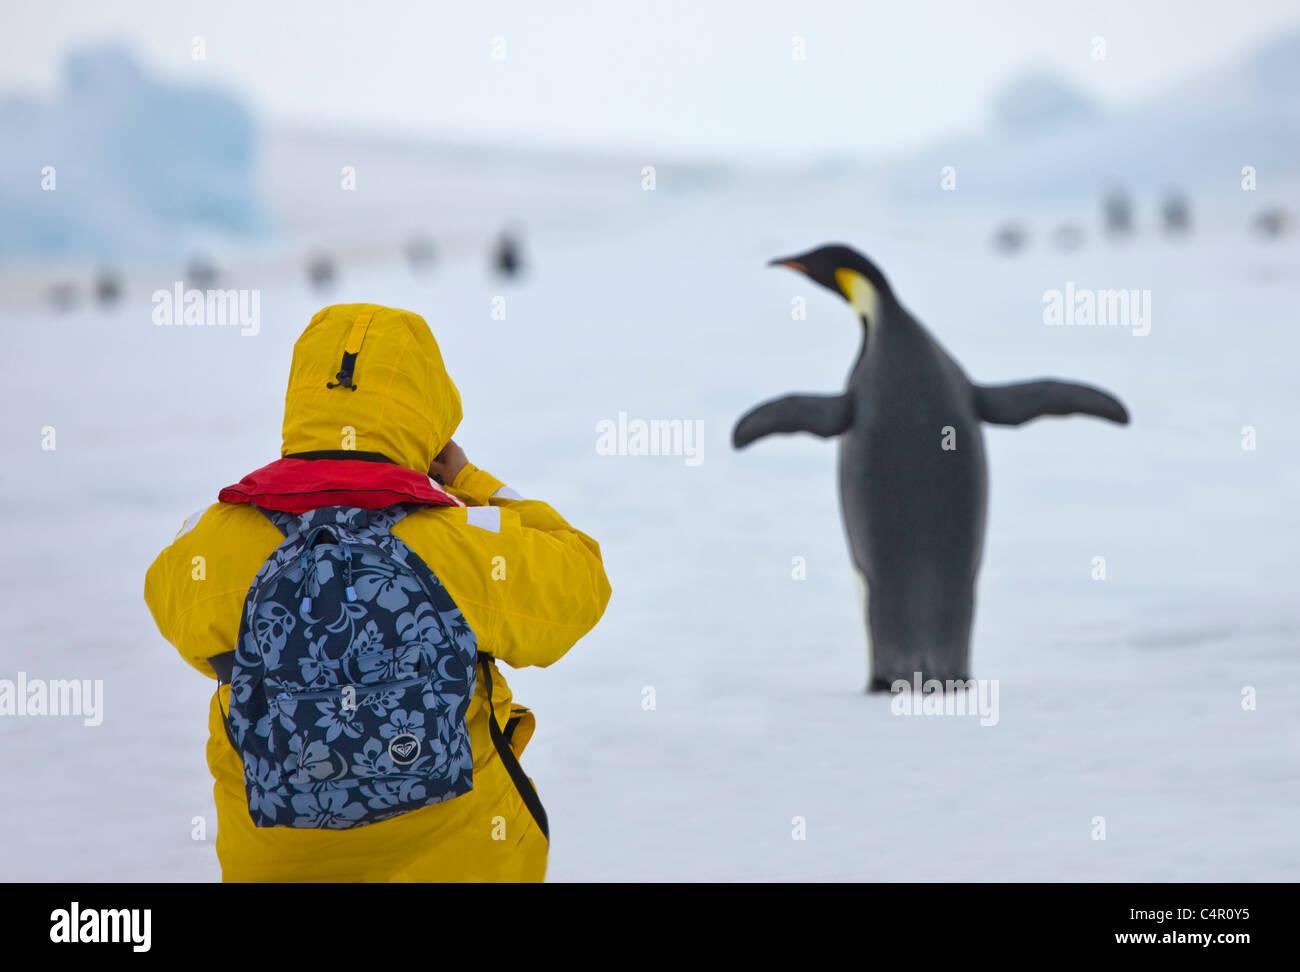 Turista fotografiando el pingüino Emperador sobre hielo, la isla Snow Hill, la Antártida Imagen De Stock